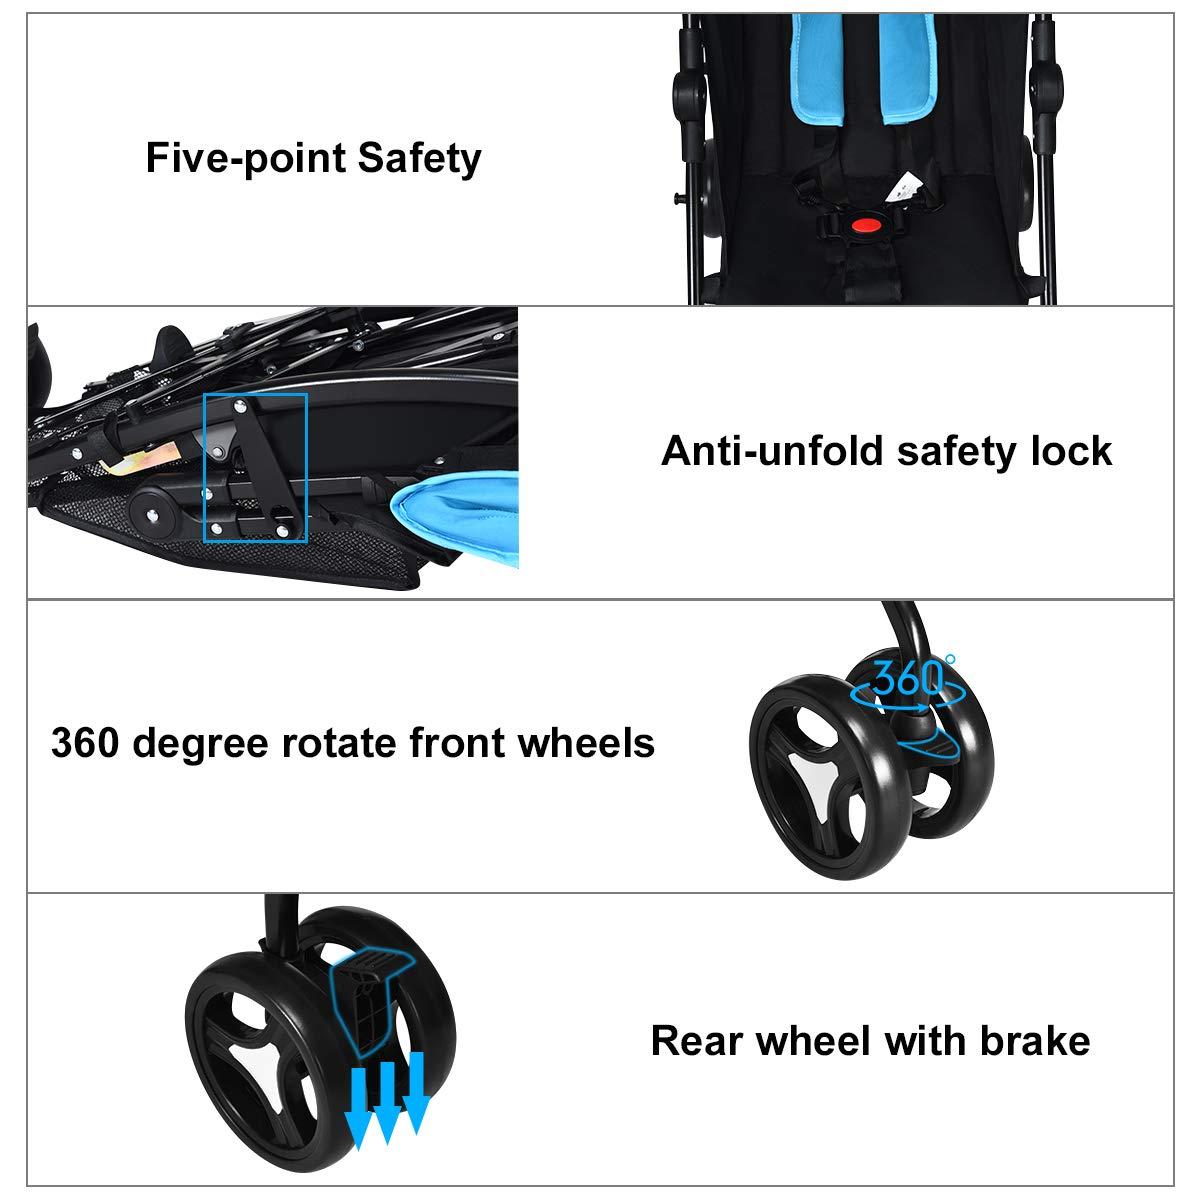 Storage Basket UV Protection Canopy 4 Position Recline Cup Holder Adjustable Backrest Foldable Infant Travel Stroller with Carry Belt INFANS Lightweight Baby Umbrella Stroller Dark Grey